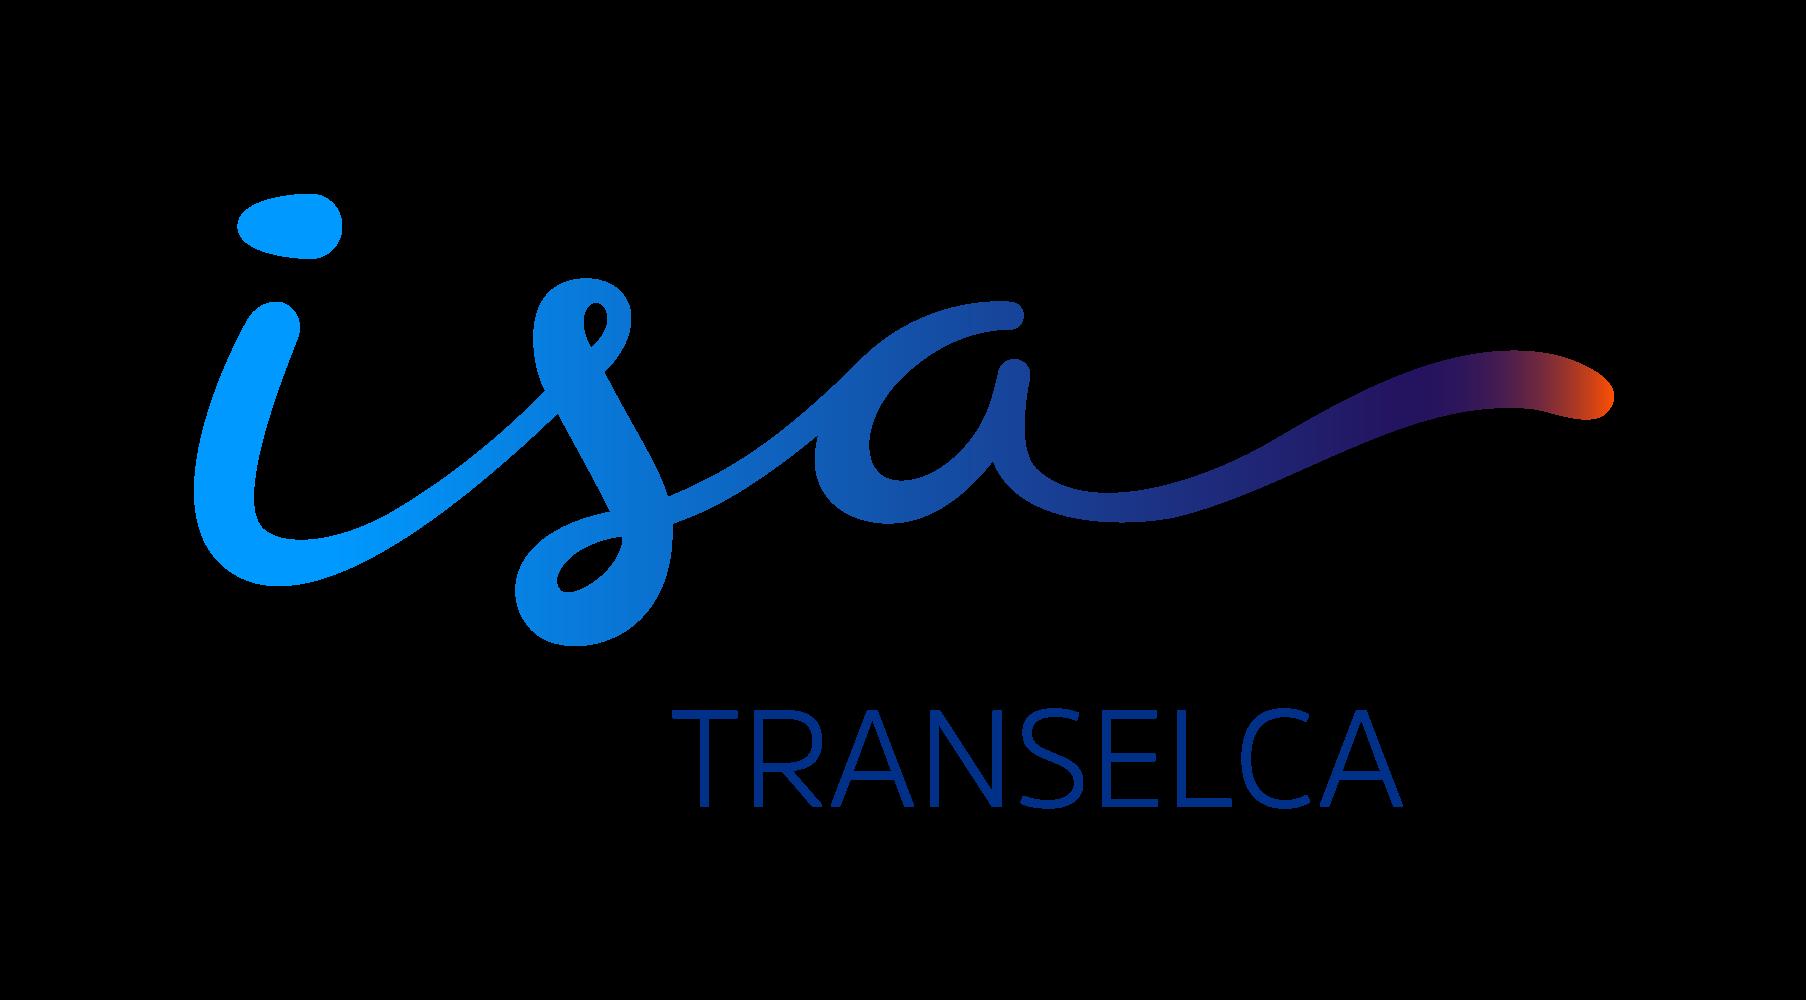 Isa Logo Png.